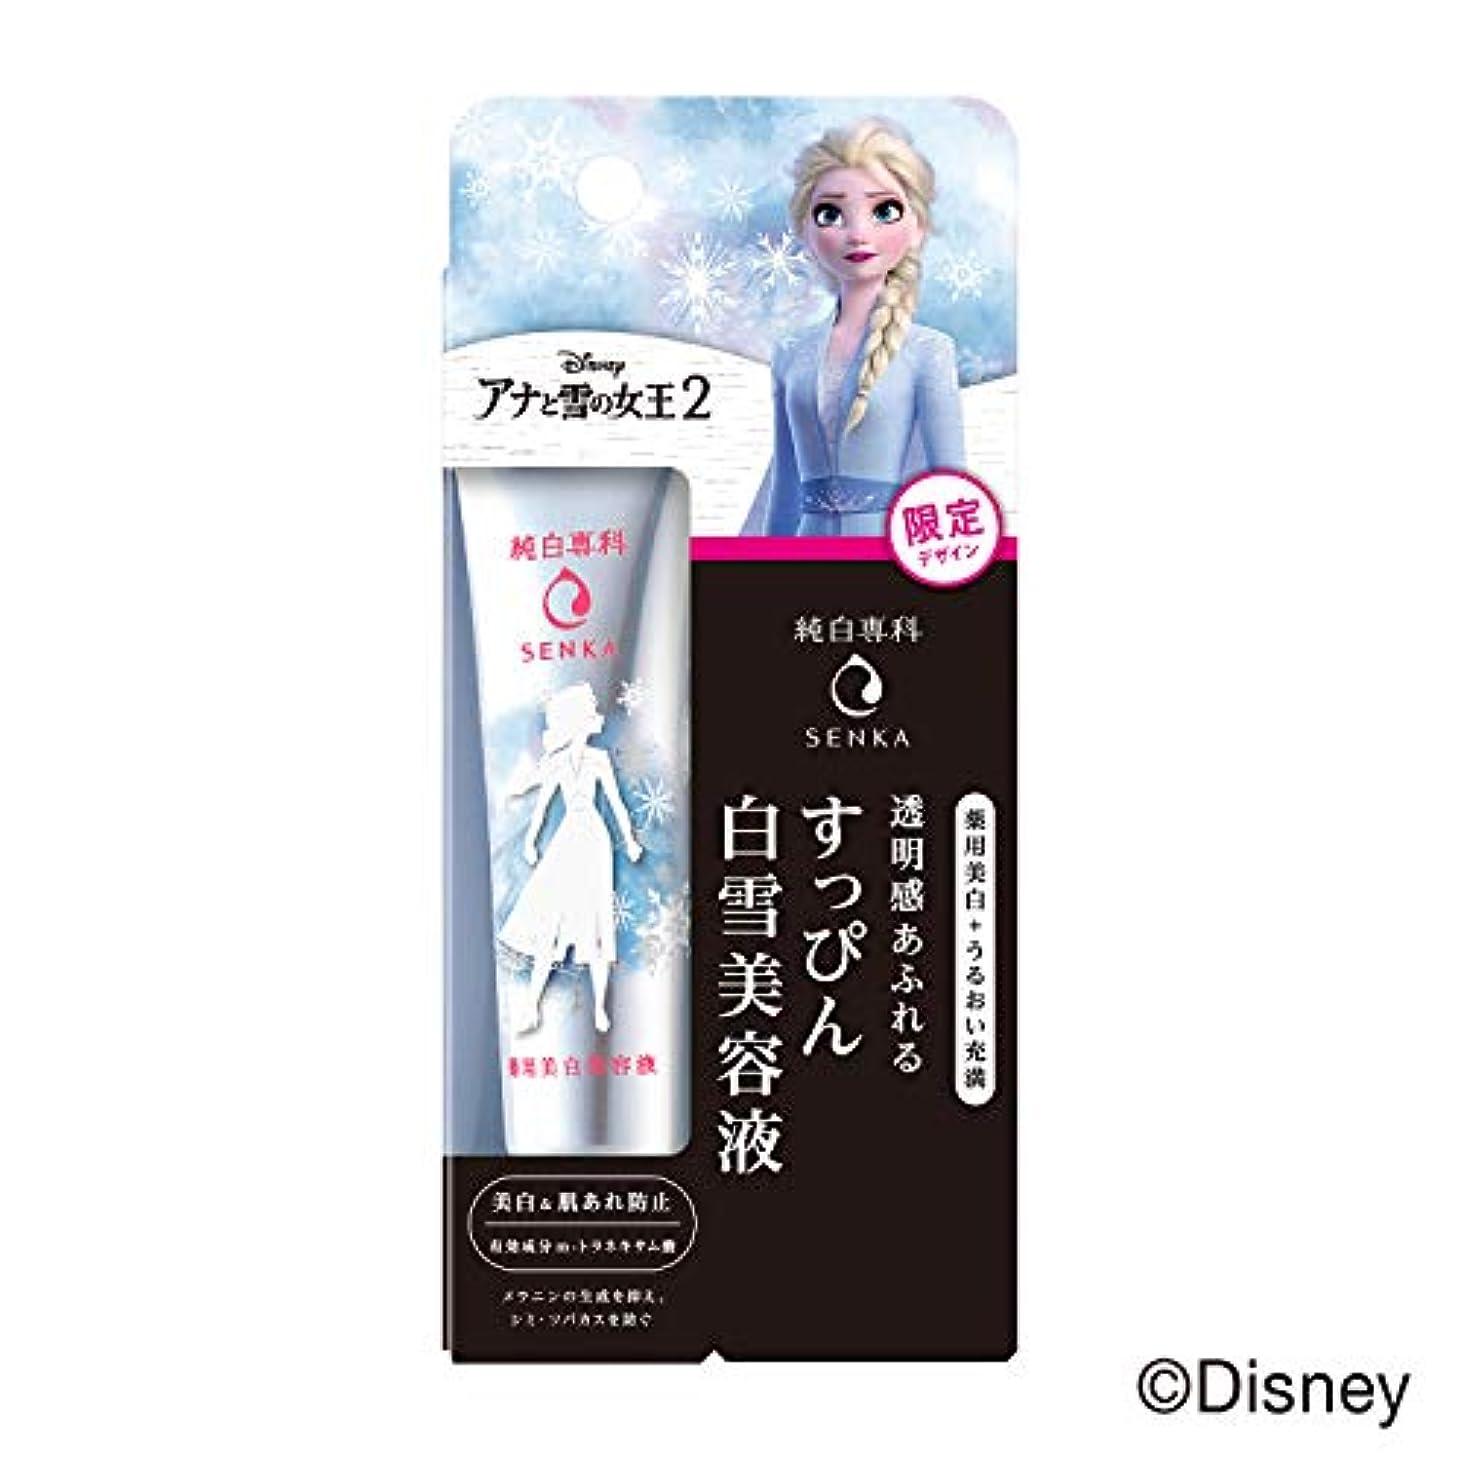 軍メイン熟達純白専科 すっぴん白雪美容液 ディズニー映画『アナと雪の女王2』限定デザイン